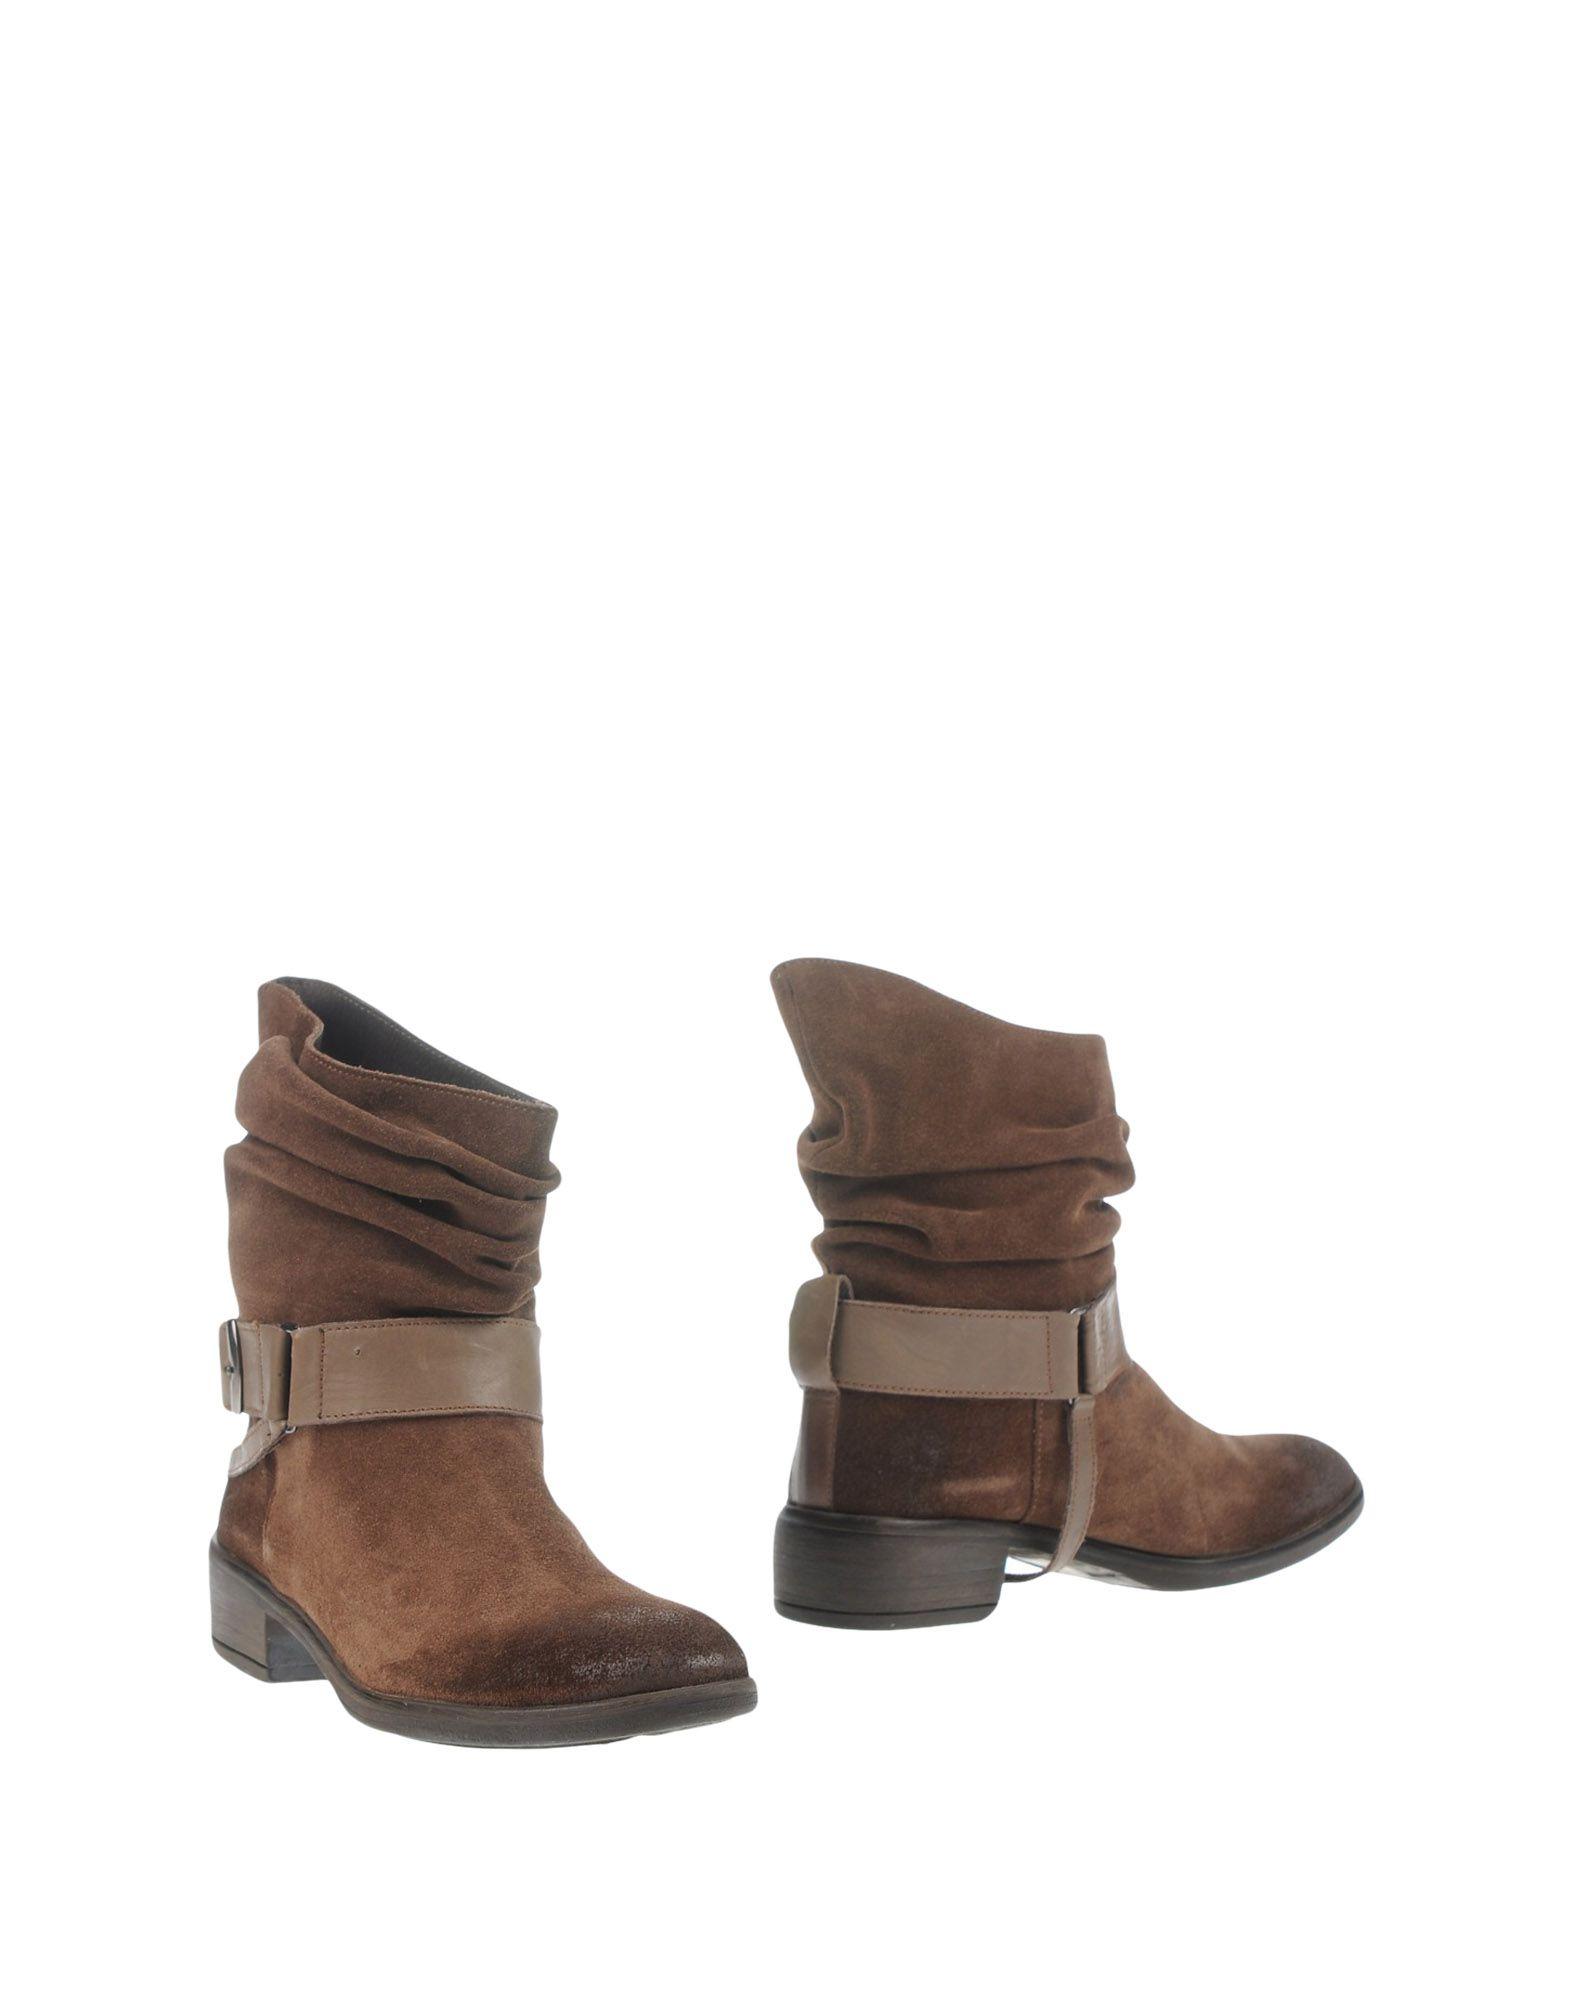 LEATHLAND Полусапоги и высокие ботинки цены онлайн